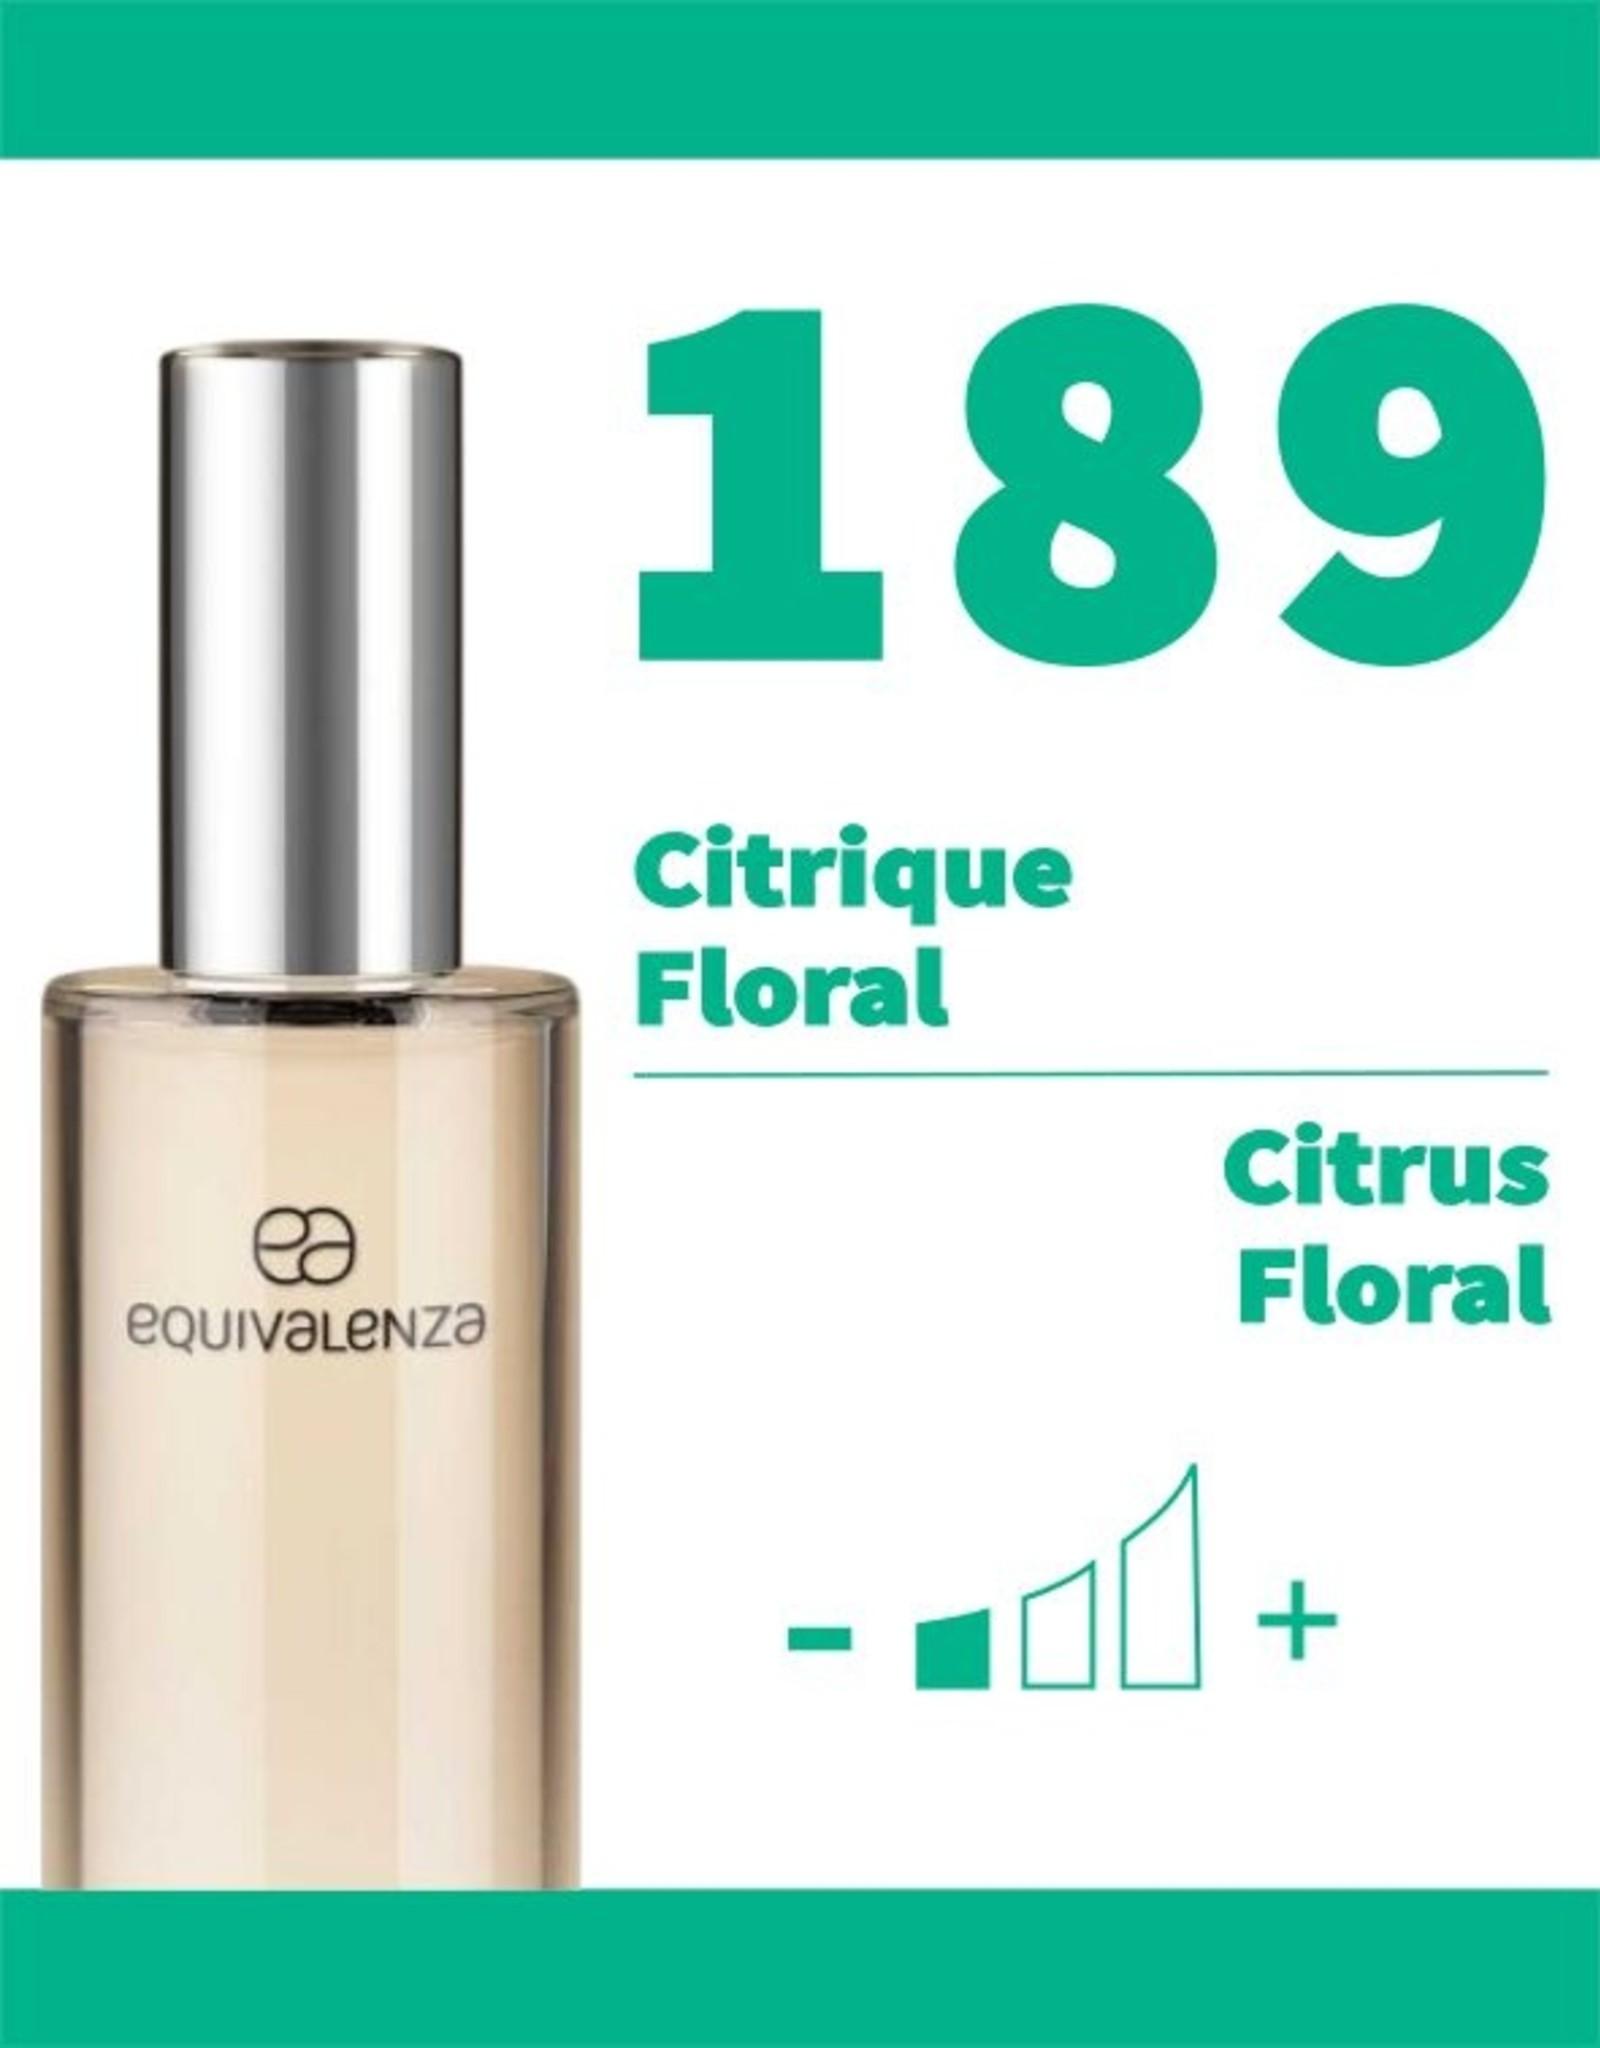 Equivalenza Citrique Floral 189